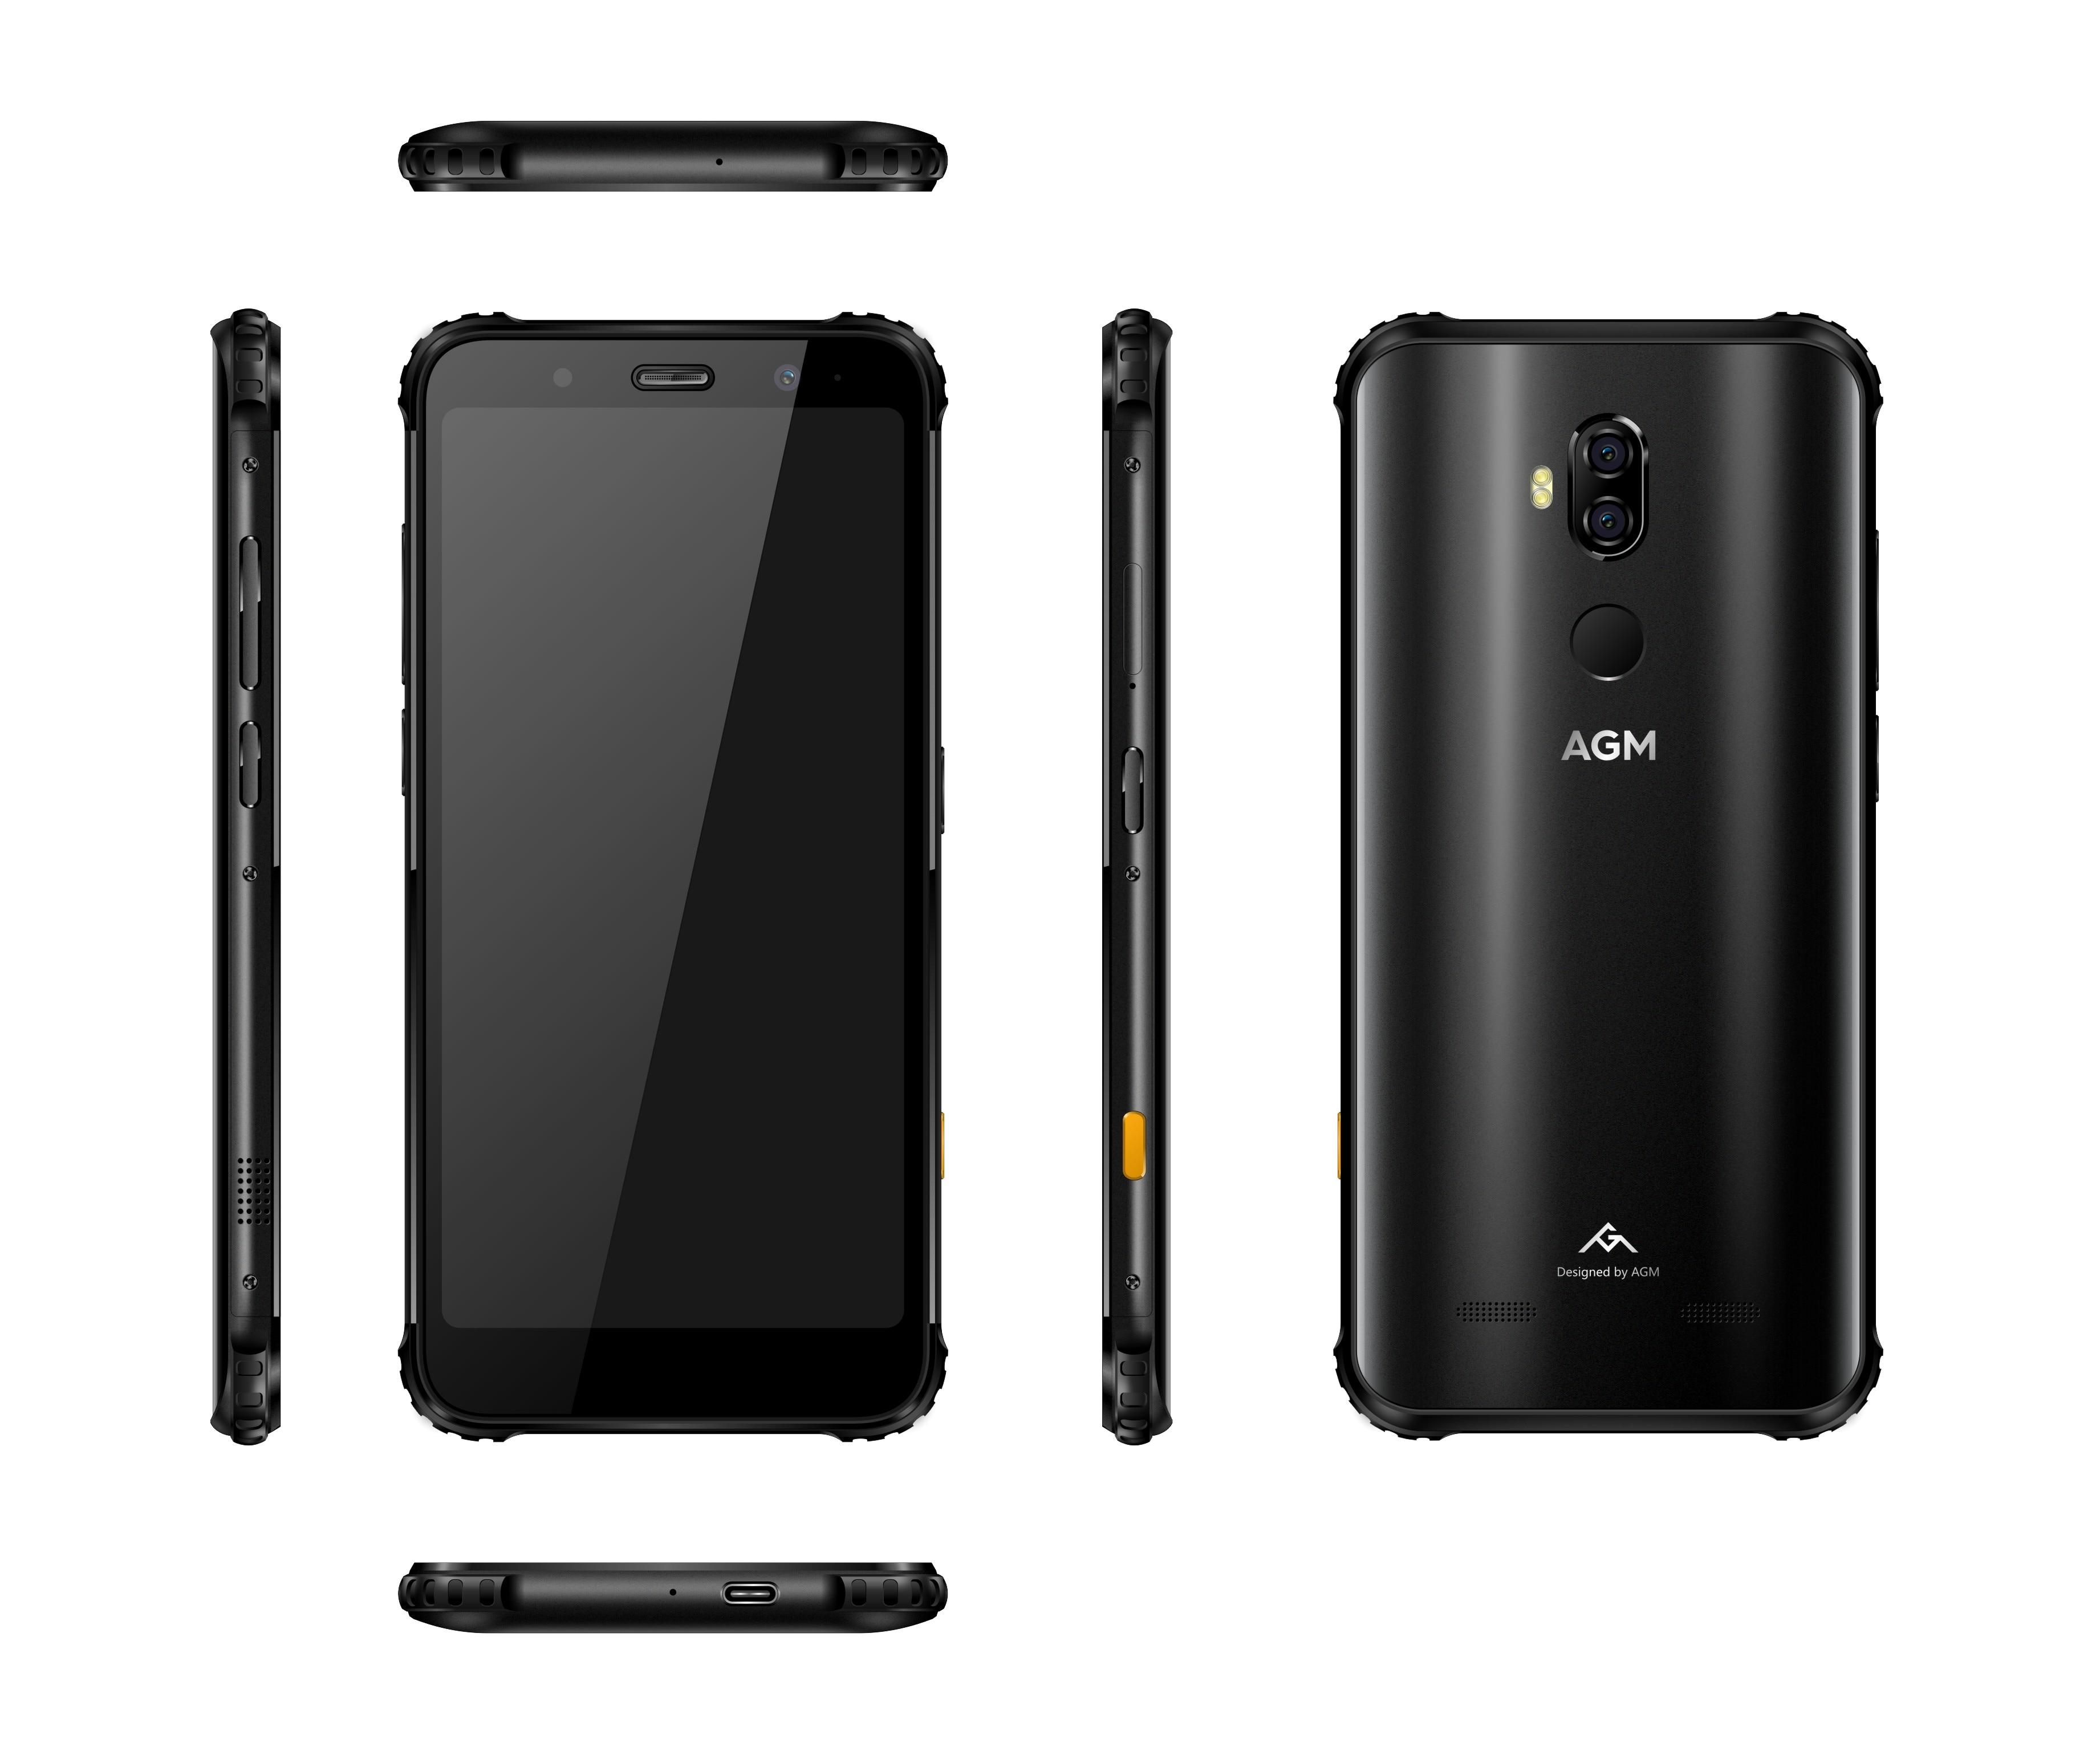 Téléphone robuste AGM X3 jbl-cobaguage 5.99 ''4G Smartphone 8G + 128G SDM845 Android 8.1 IP68 étanche téléphone portable double boîtier haut-parleur NFC